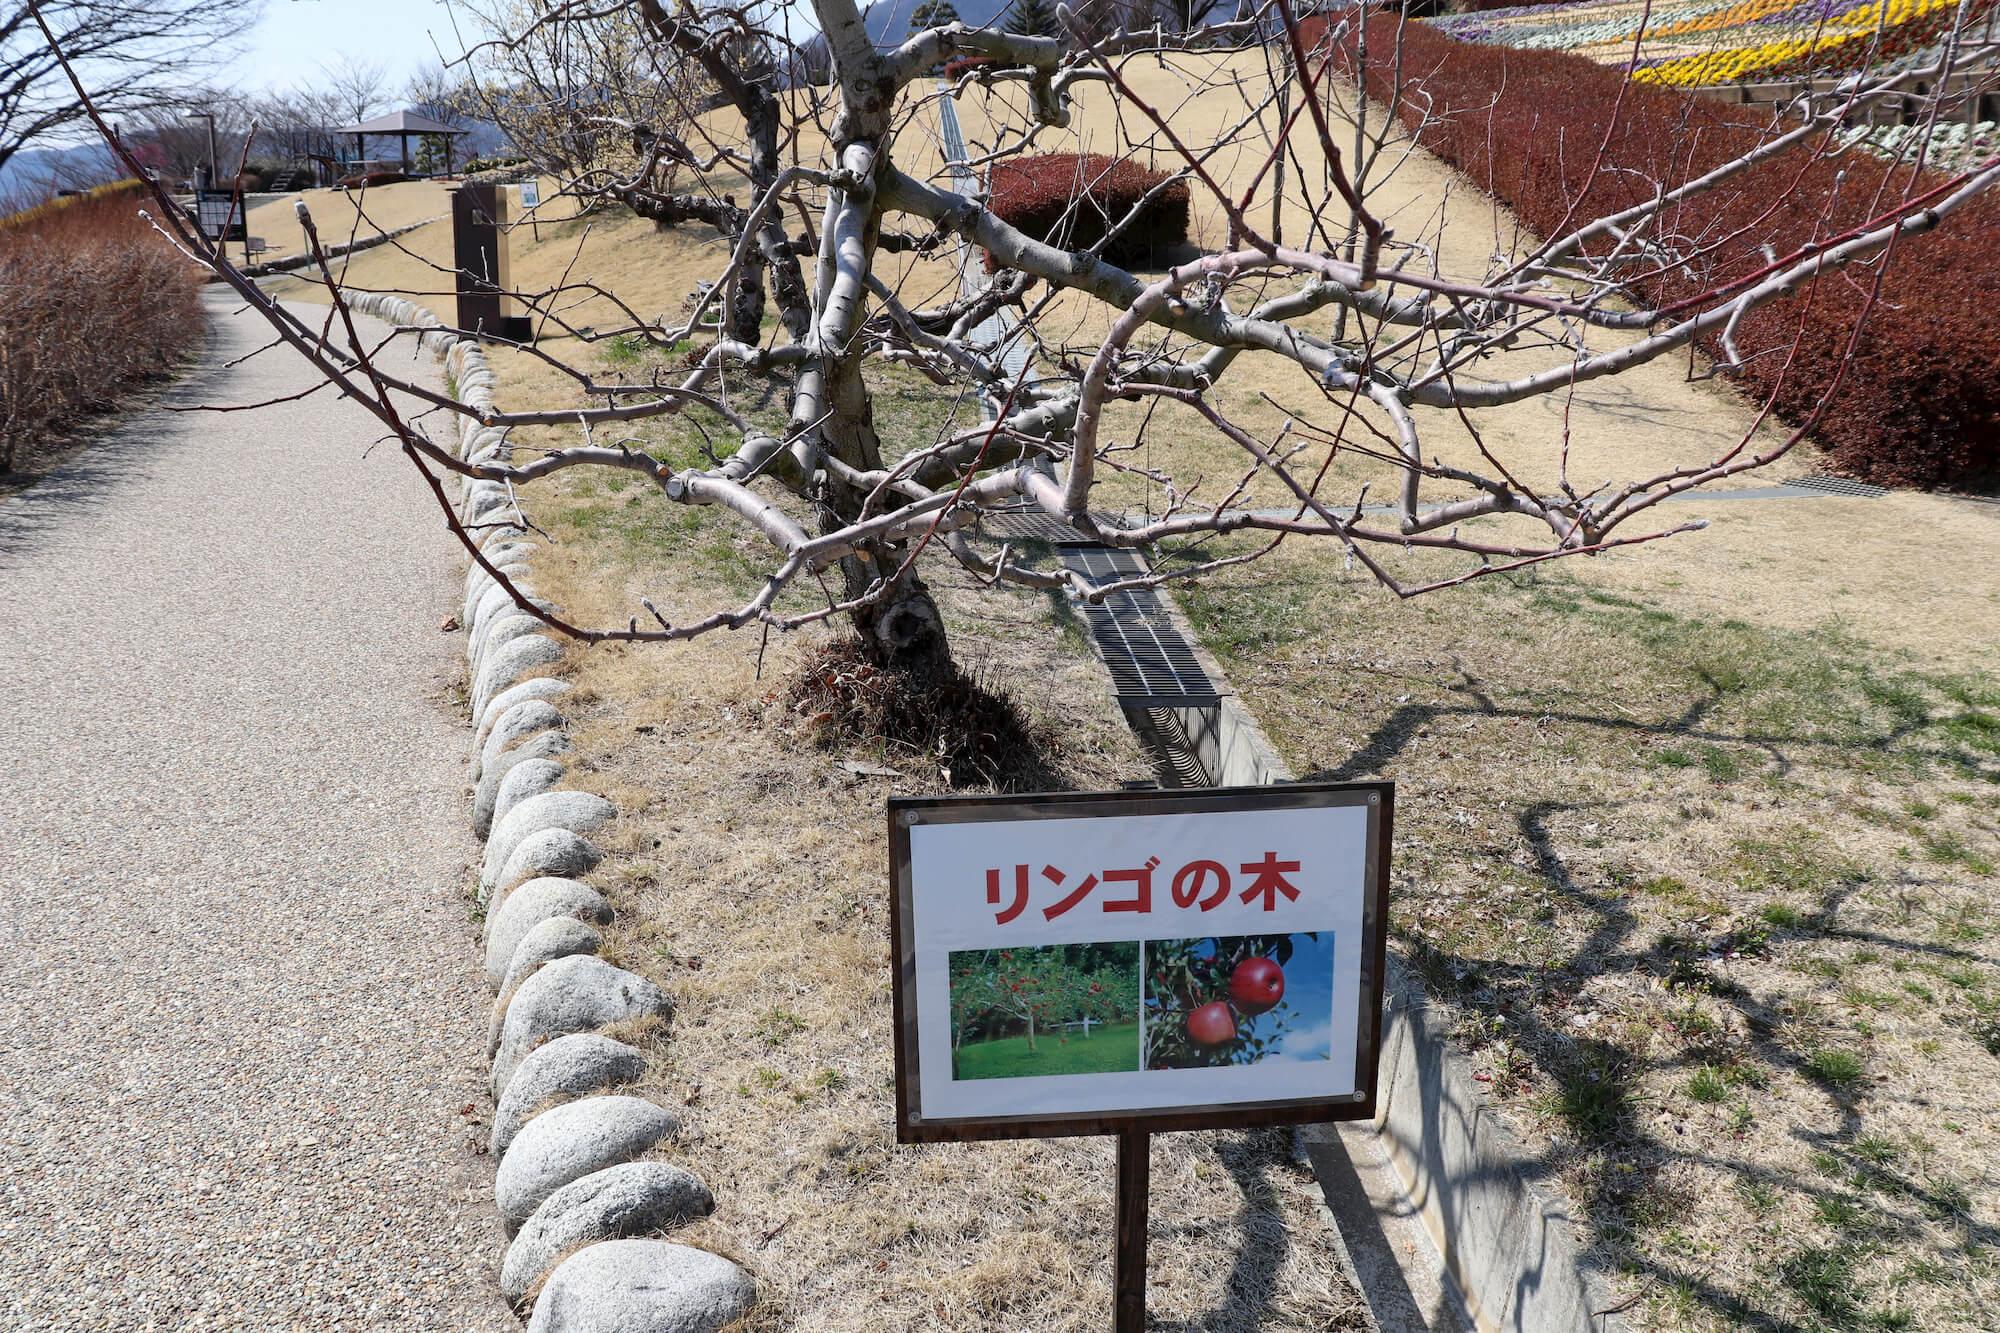 笛吹川フルーツ公園のリンゴの木